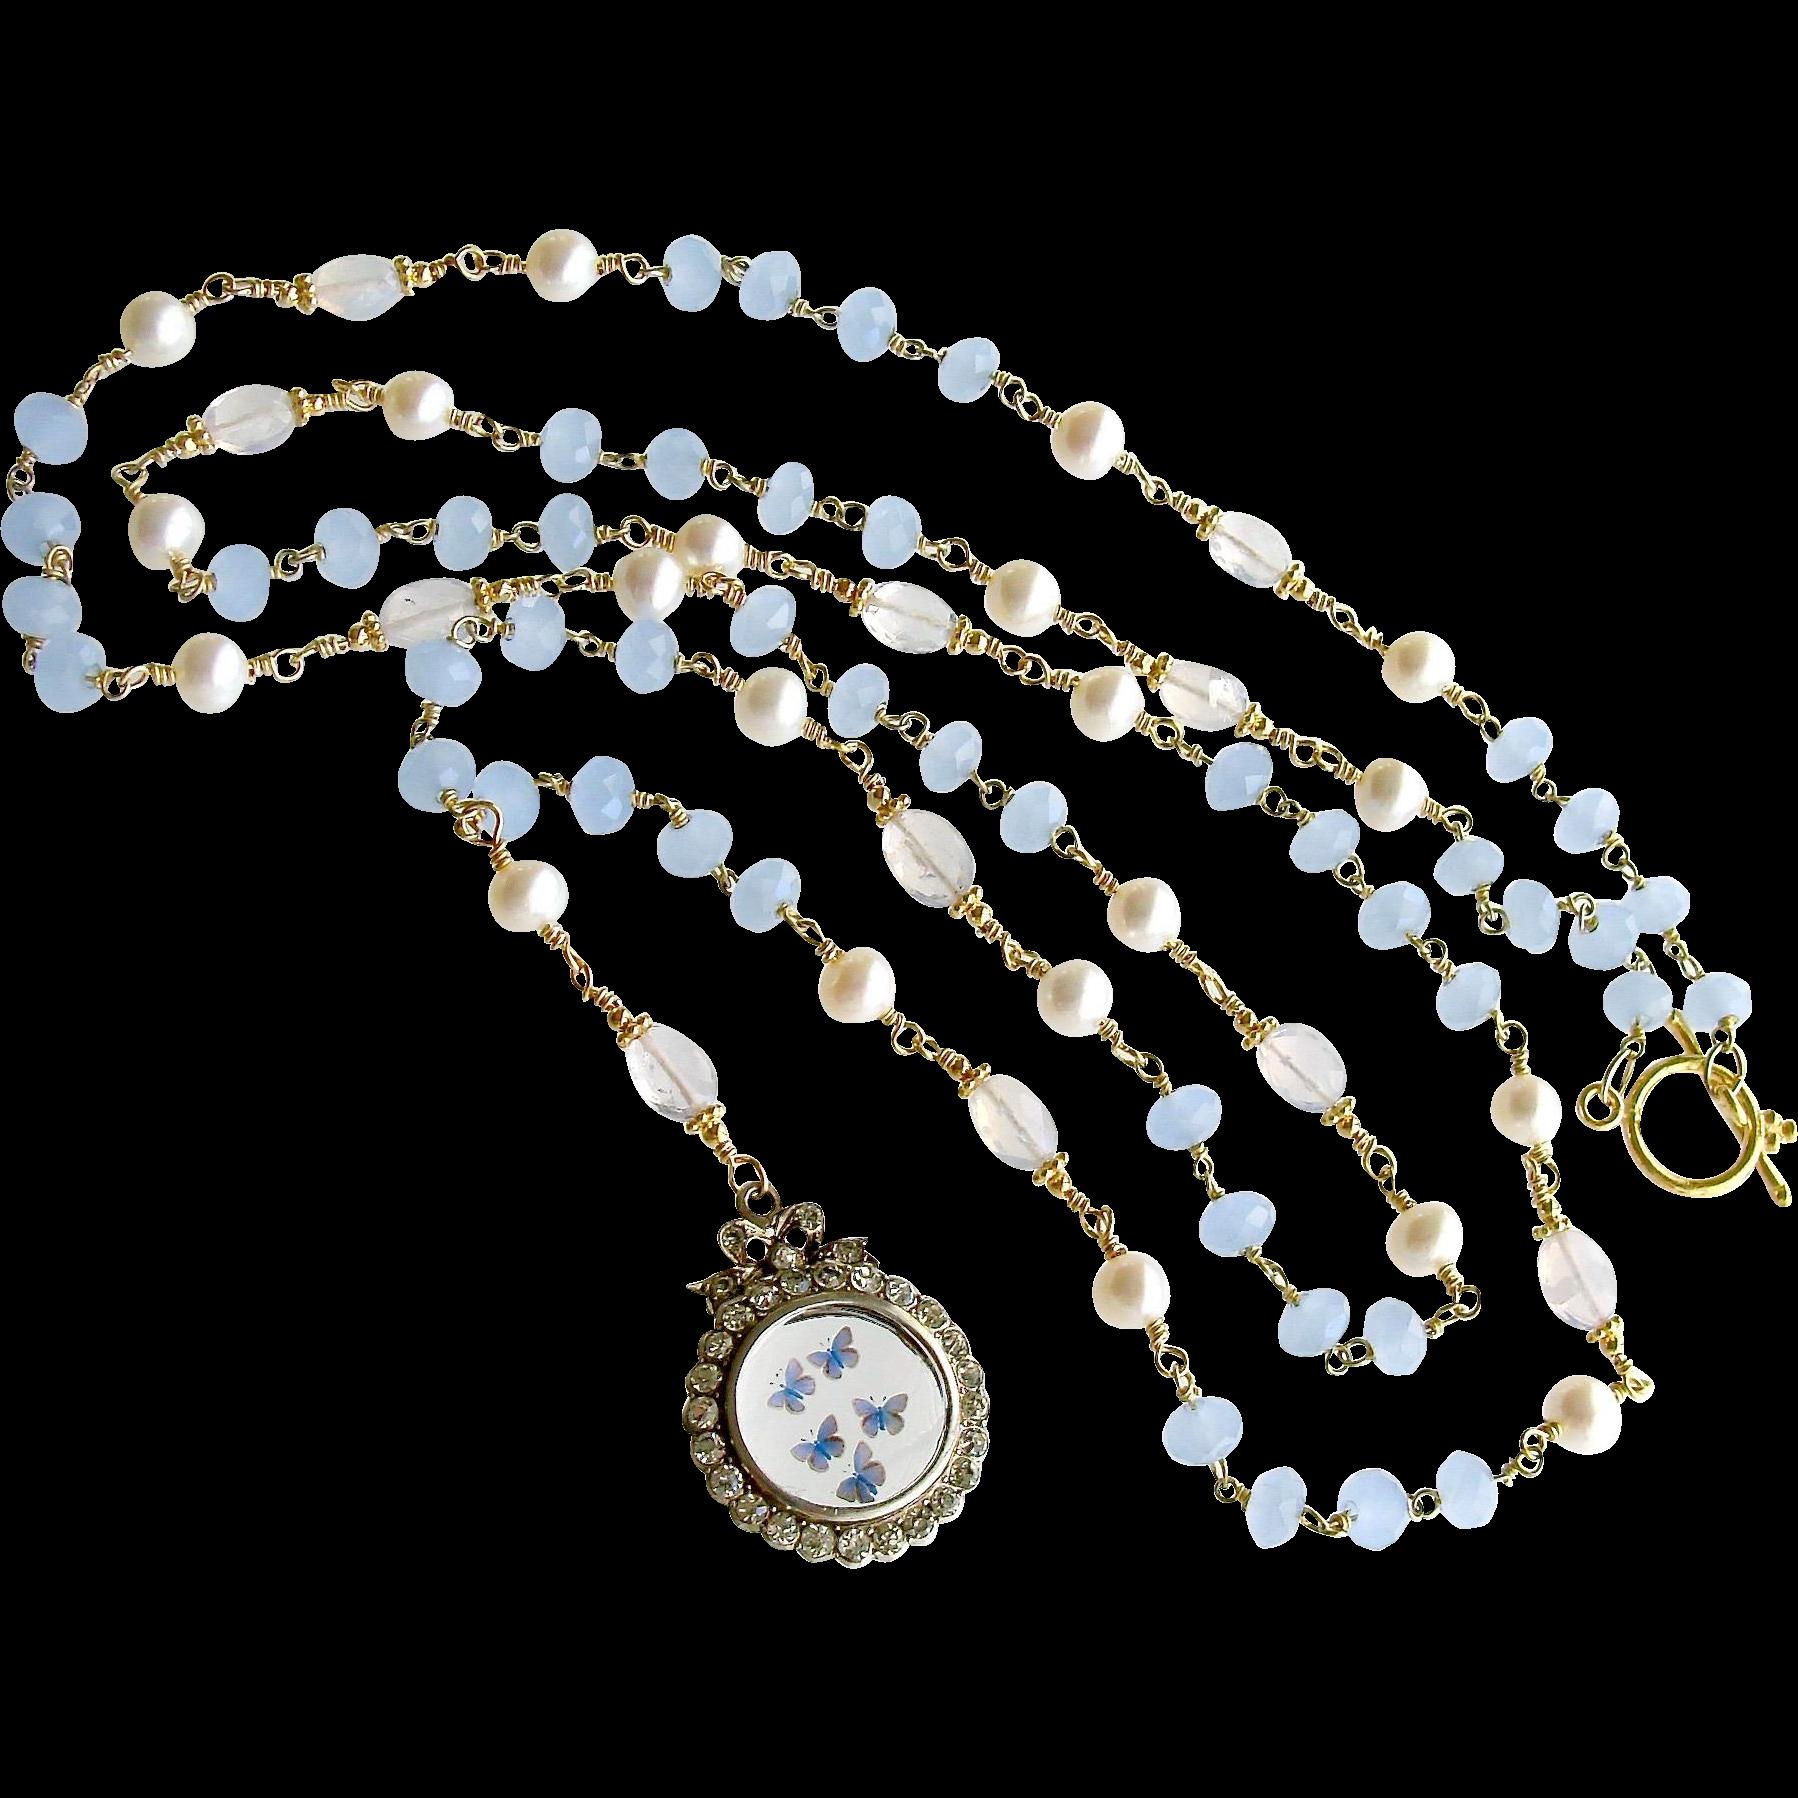 Butterfly Kaleidoscope Heirloom Silver Paste Locket Blue Chalcedony Scorolite Necklace - Kaleidoscope de Papillon II Necklace